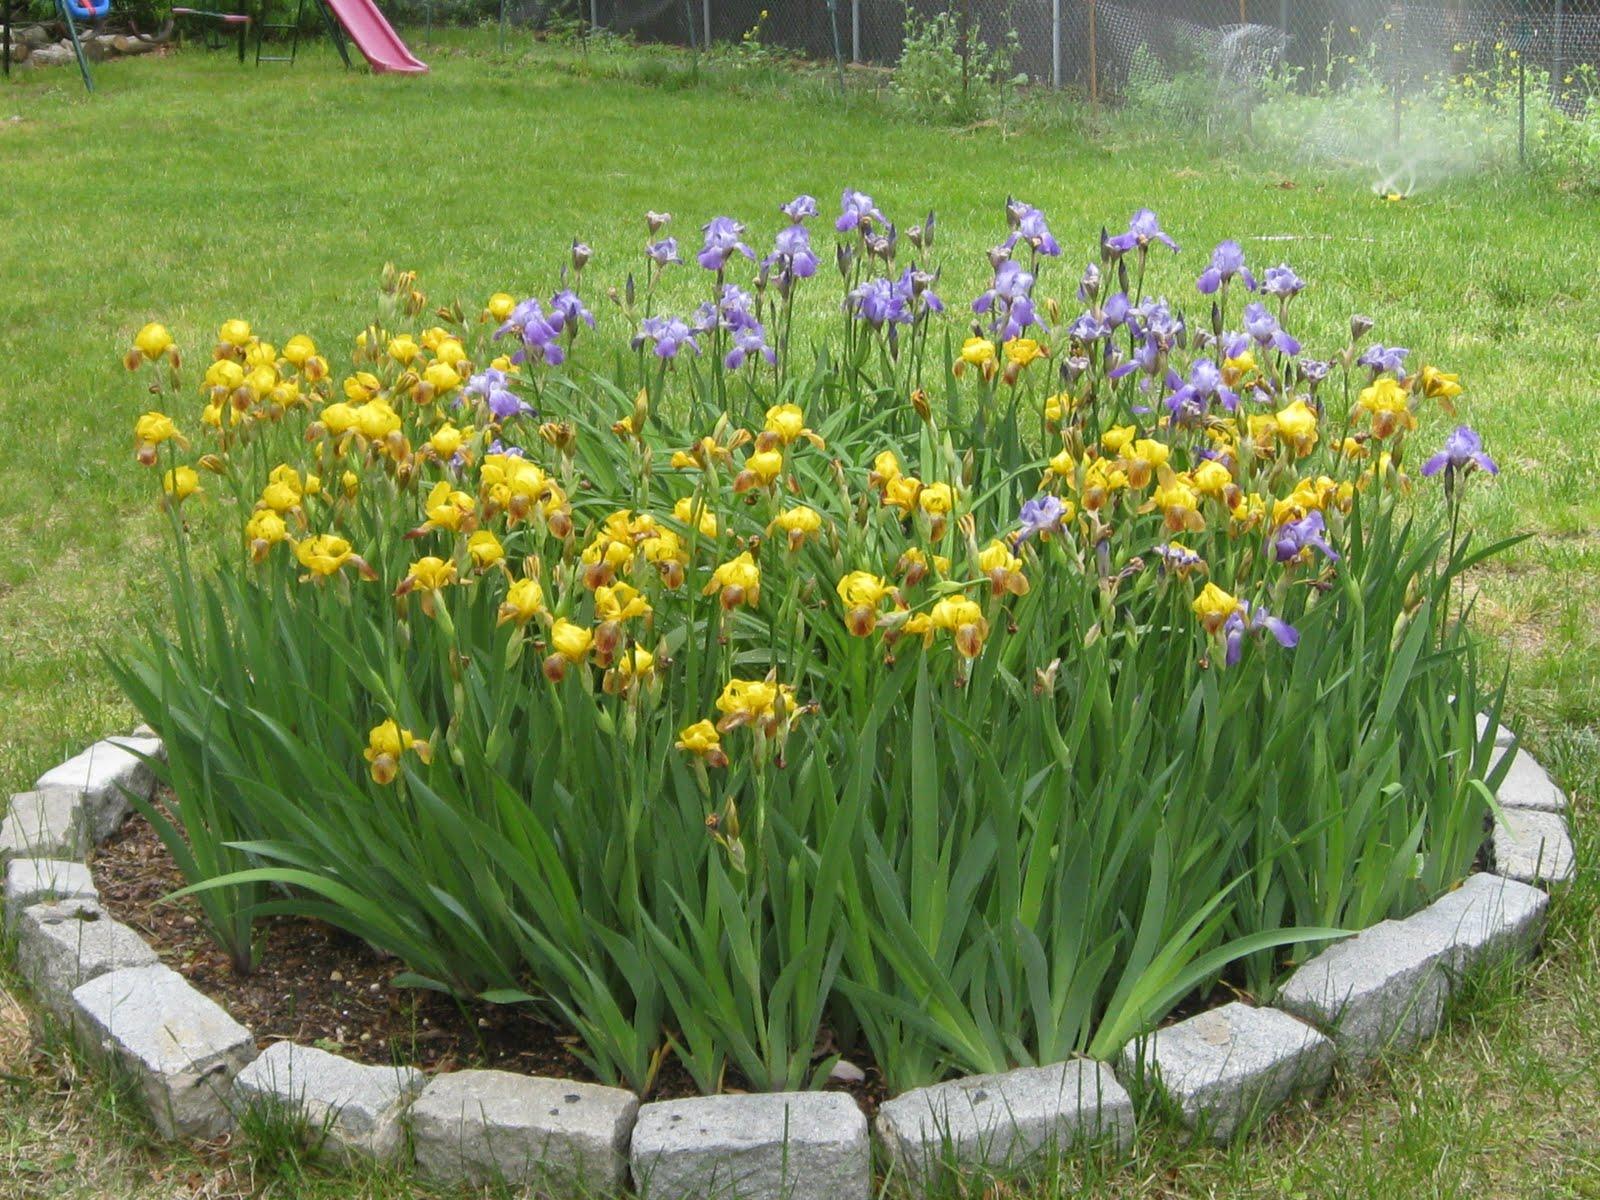 Где посадить ирис болотный и хосту - на солнце или в тени?